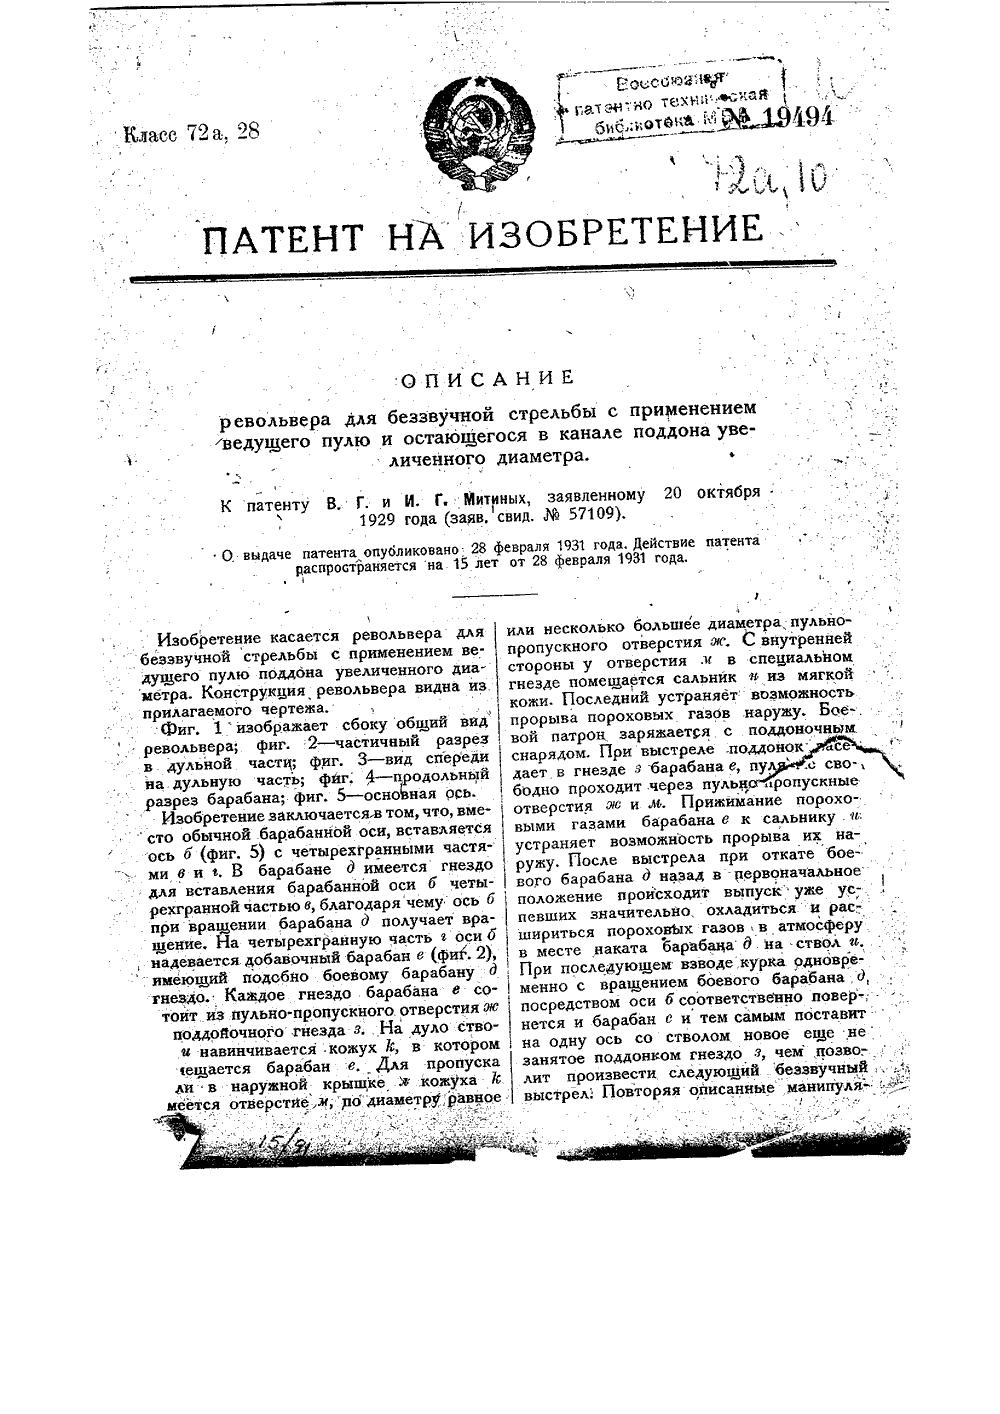 19494-revolver-dlya-bezzvuchnojj-strelby-s-primeneniem-vedushhego-pulyu-i-ostayushhegosya-v-kanale-poddona-uvelichennogo-diametra-1